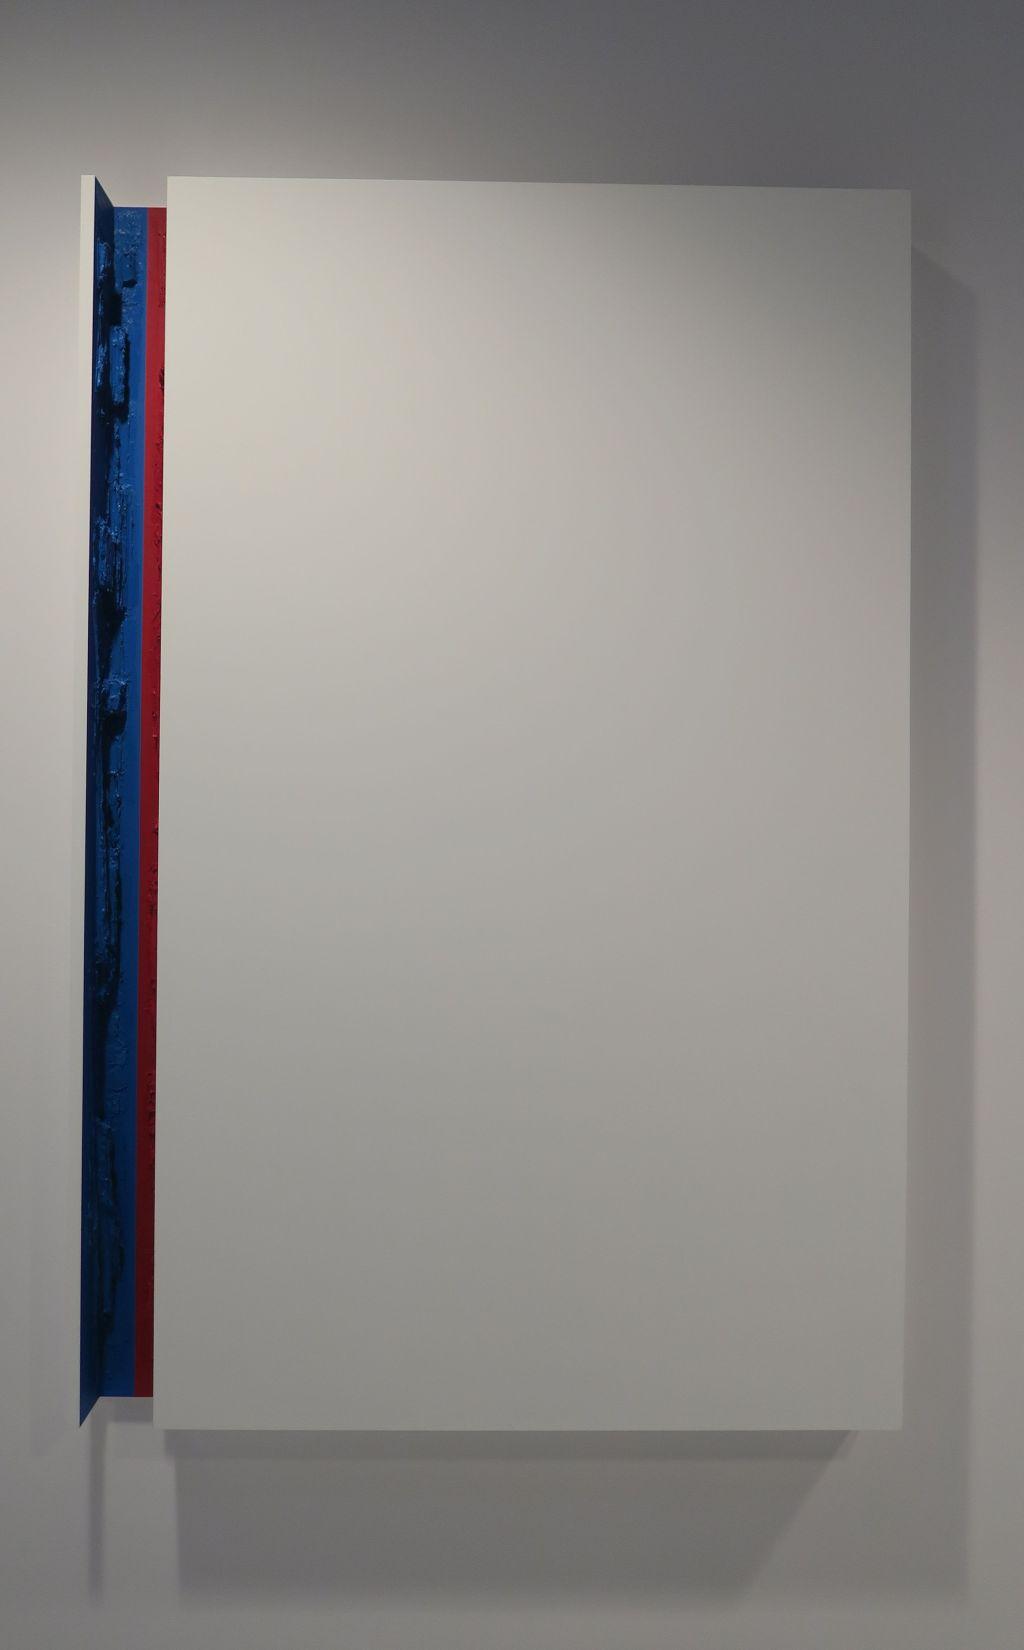 Piotr Korol, drewno, sklejka, olej, akryl, emalia (źródło: materiały prasowe organizatora)